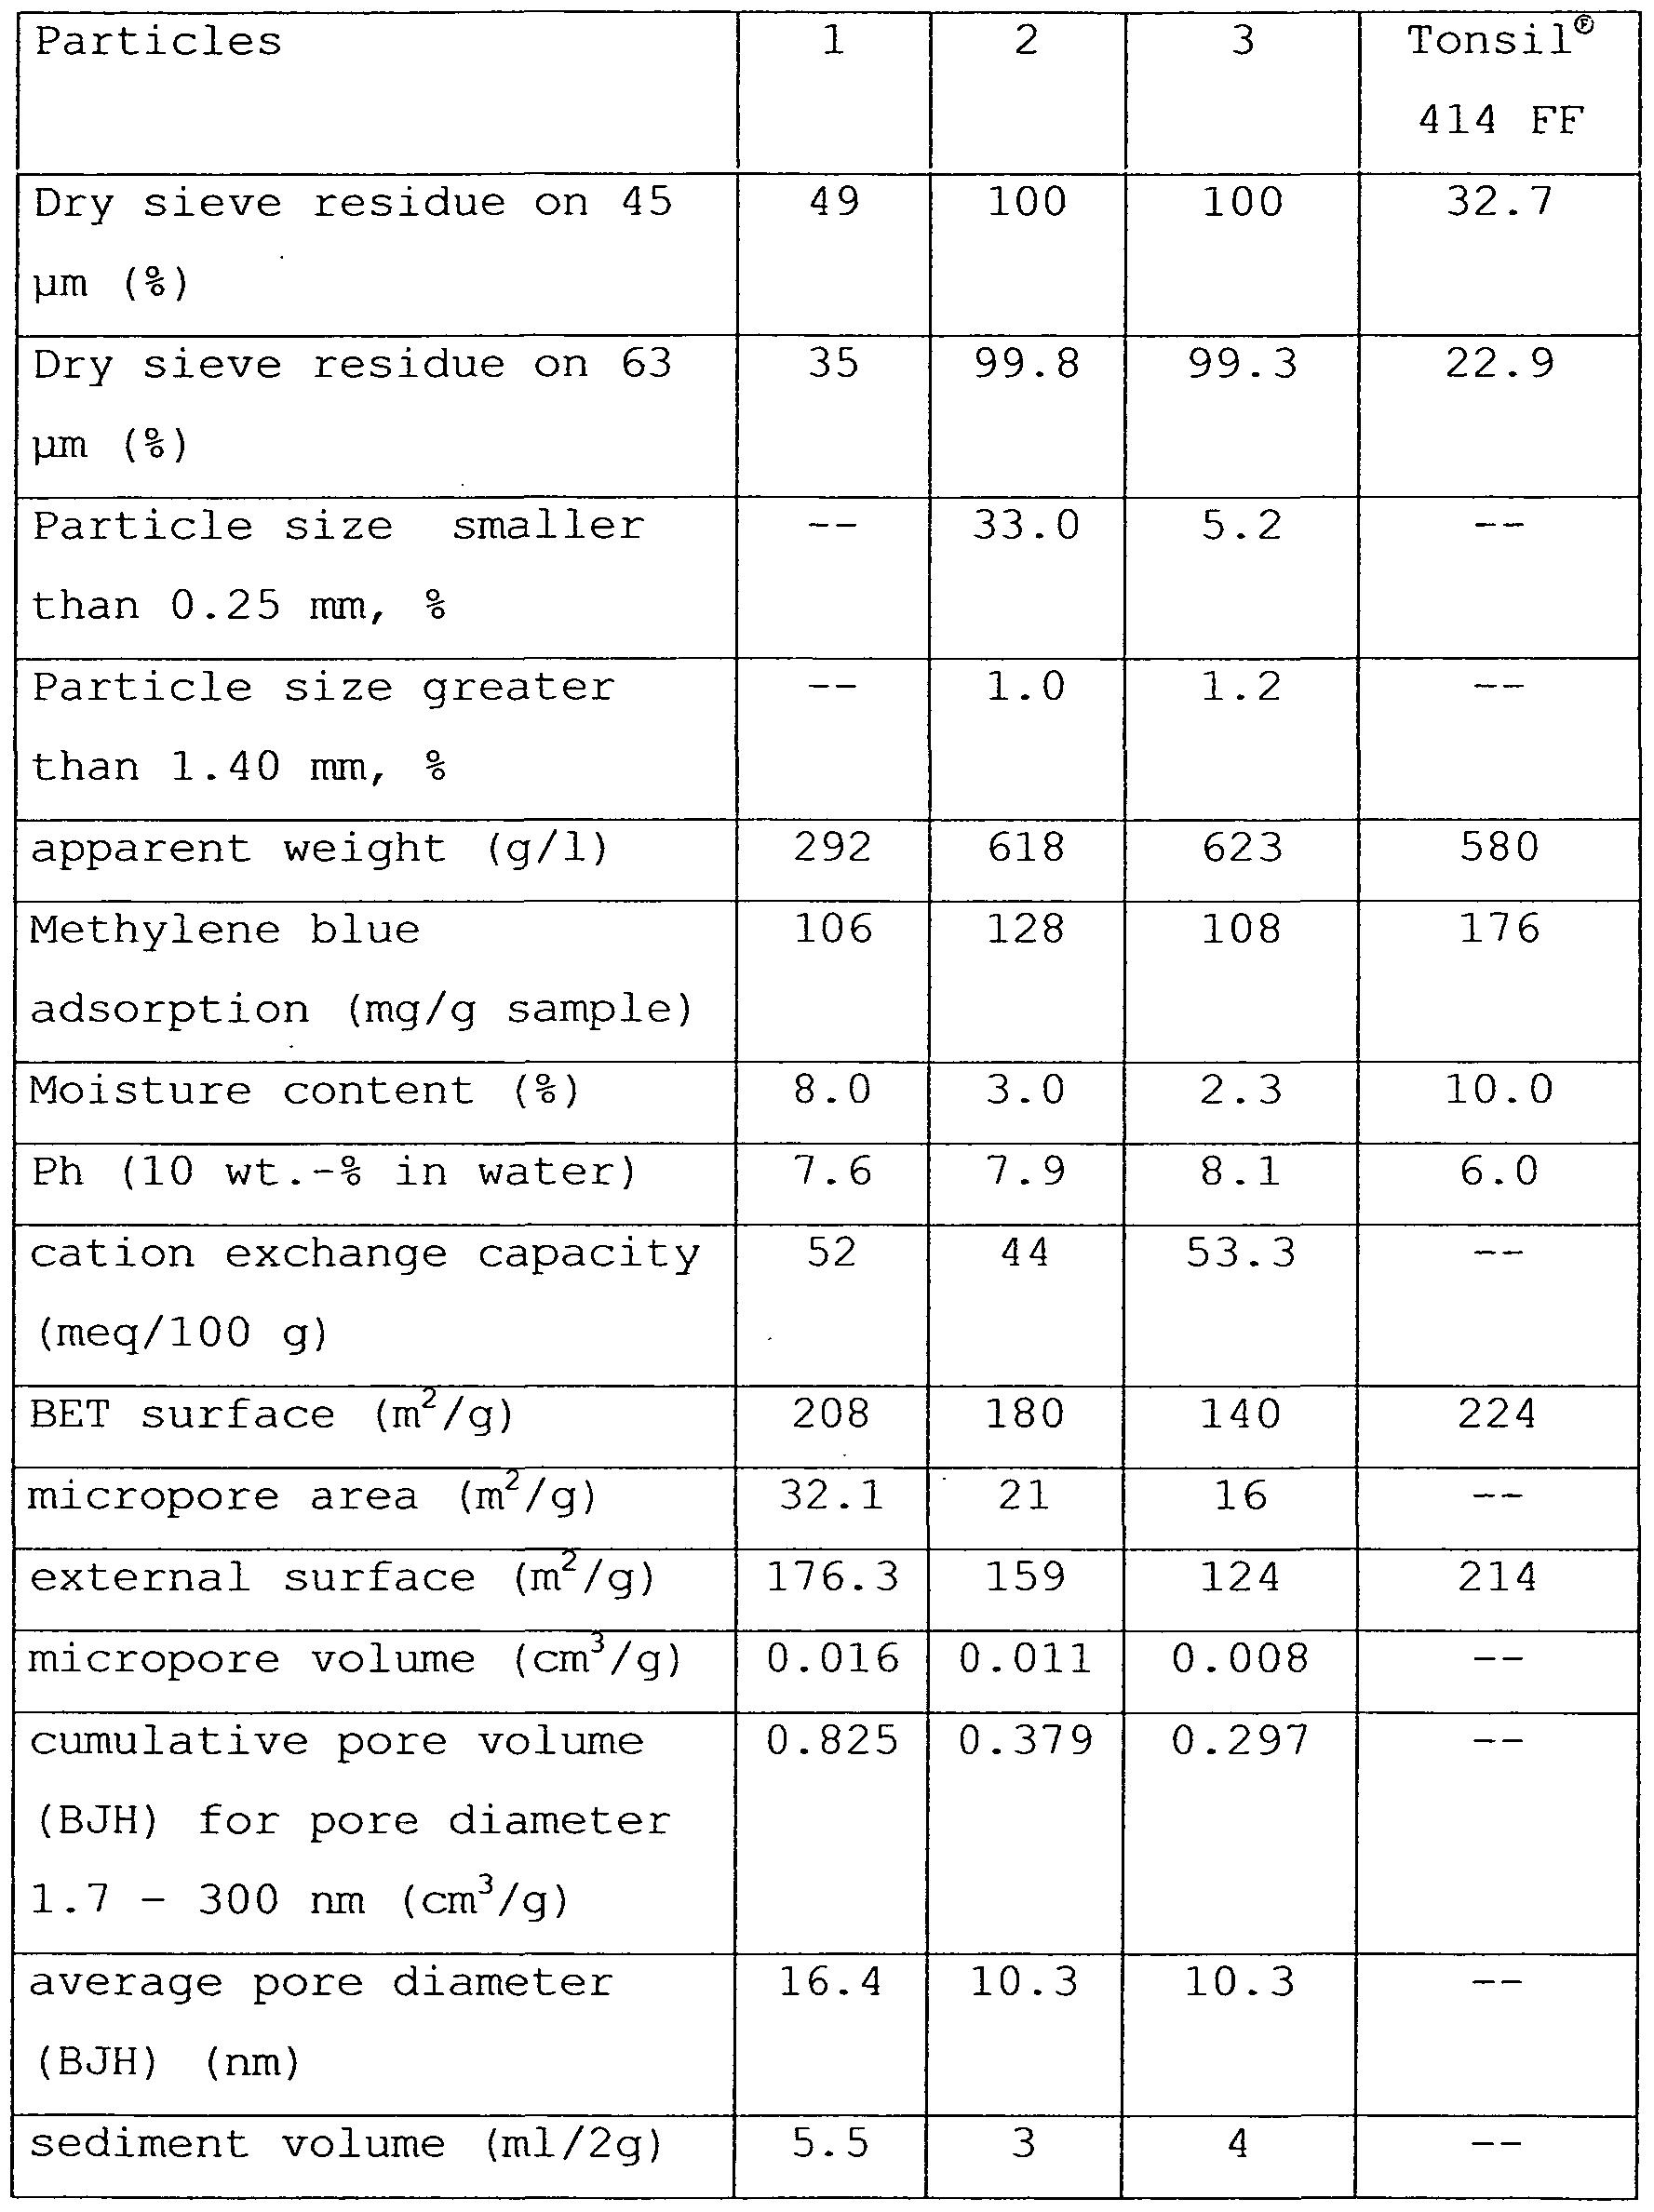 tabular cv resume format examples tabular cv ijn yamato tabular record of movement tabular cv new calendar template site